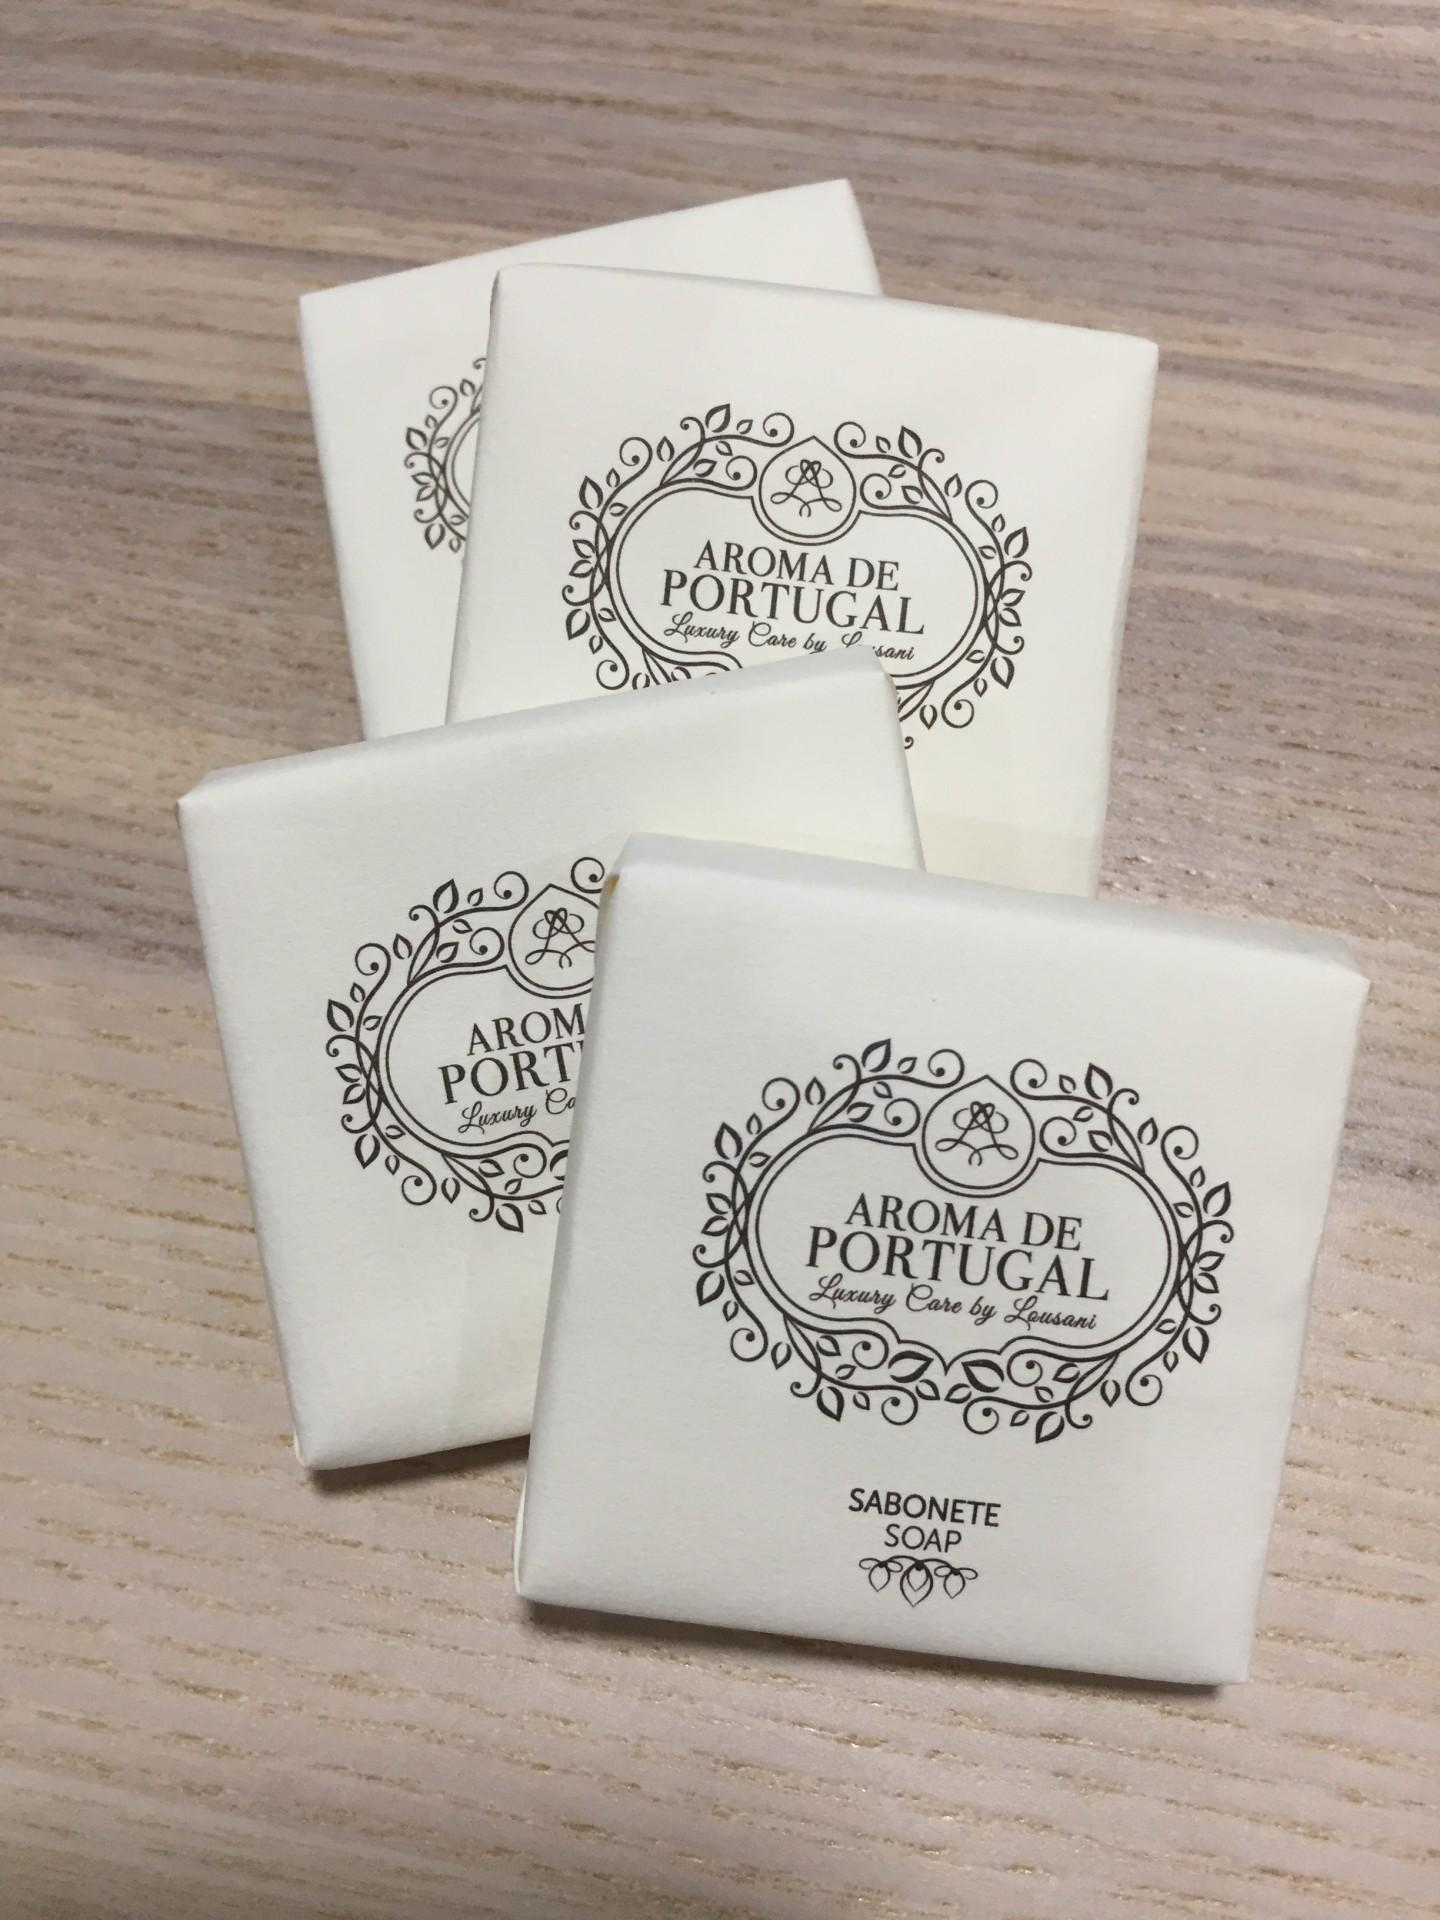 Sabonetes 20g (quadrados) - AROMA DE PORTUGAL